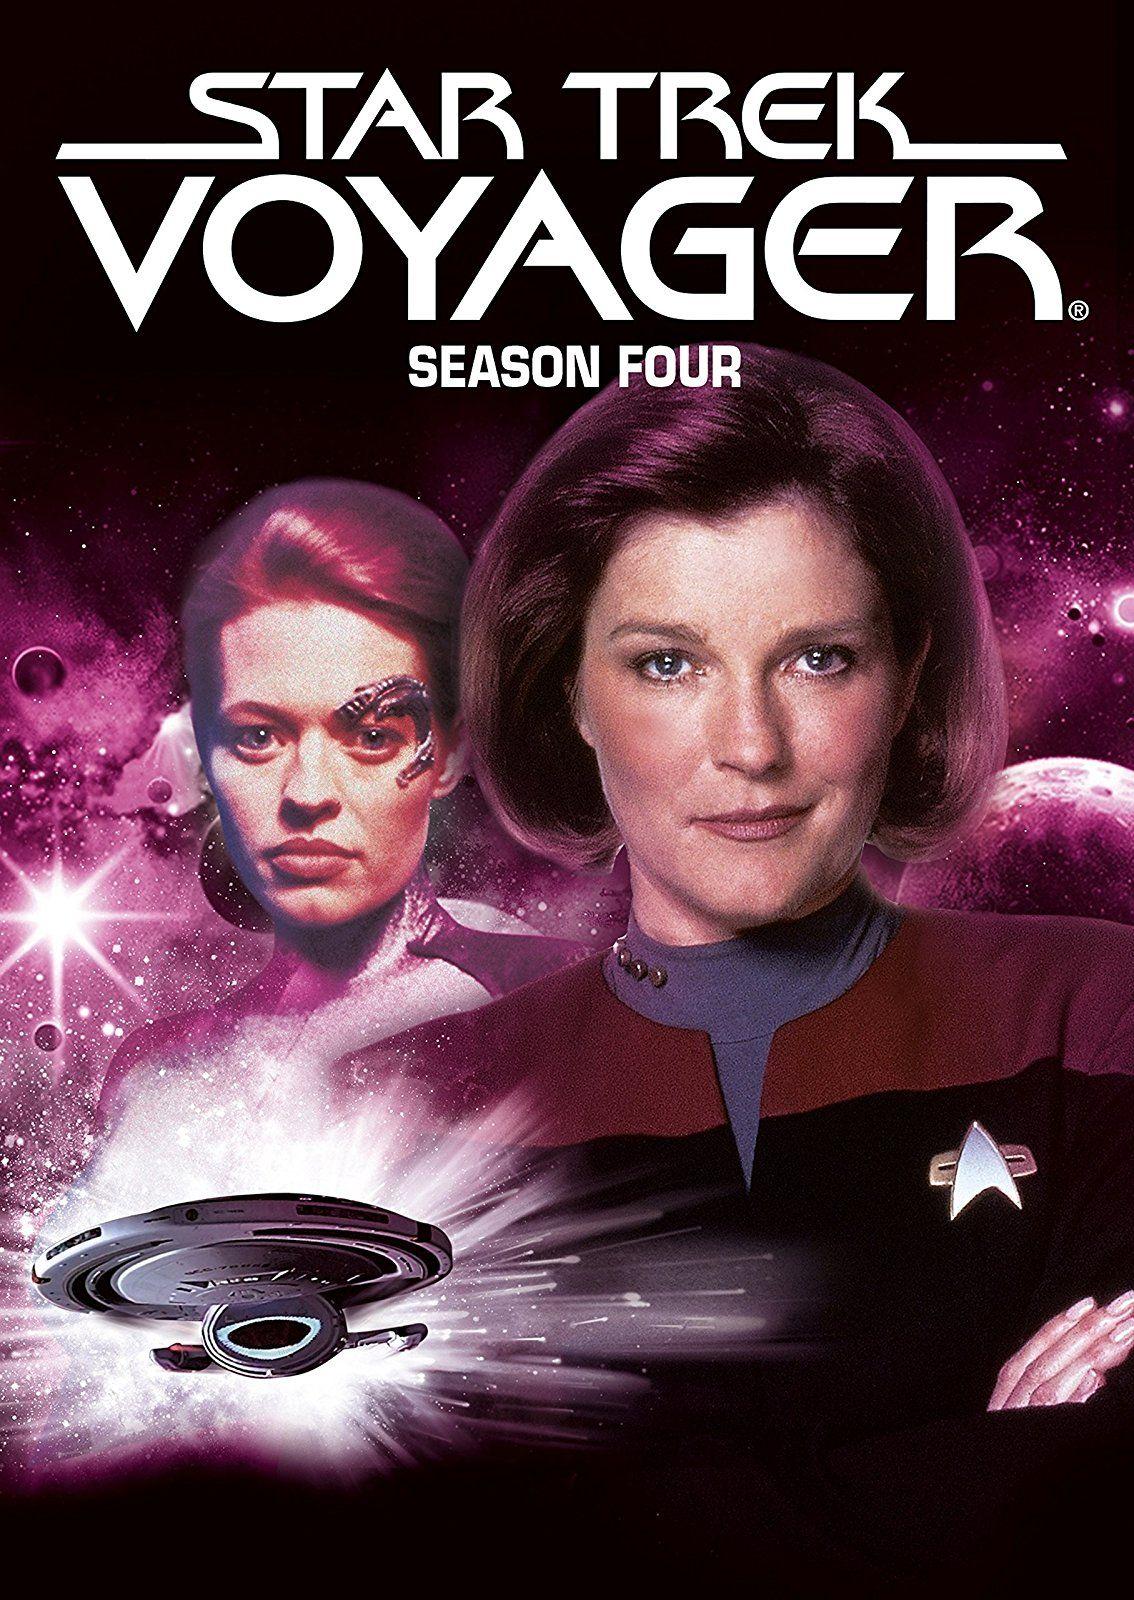 37 Star Trek Voyager 1997 98 S04 4 5 06 09 17 Aquesta Temporada Sí Star Trek Voyager Star Trek Star Trek Series